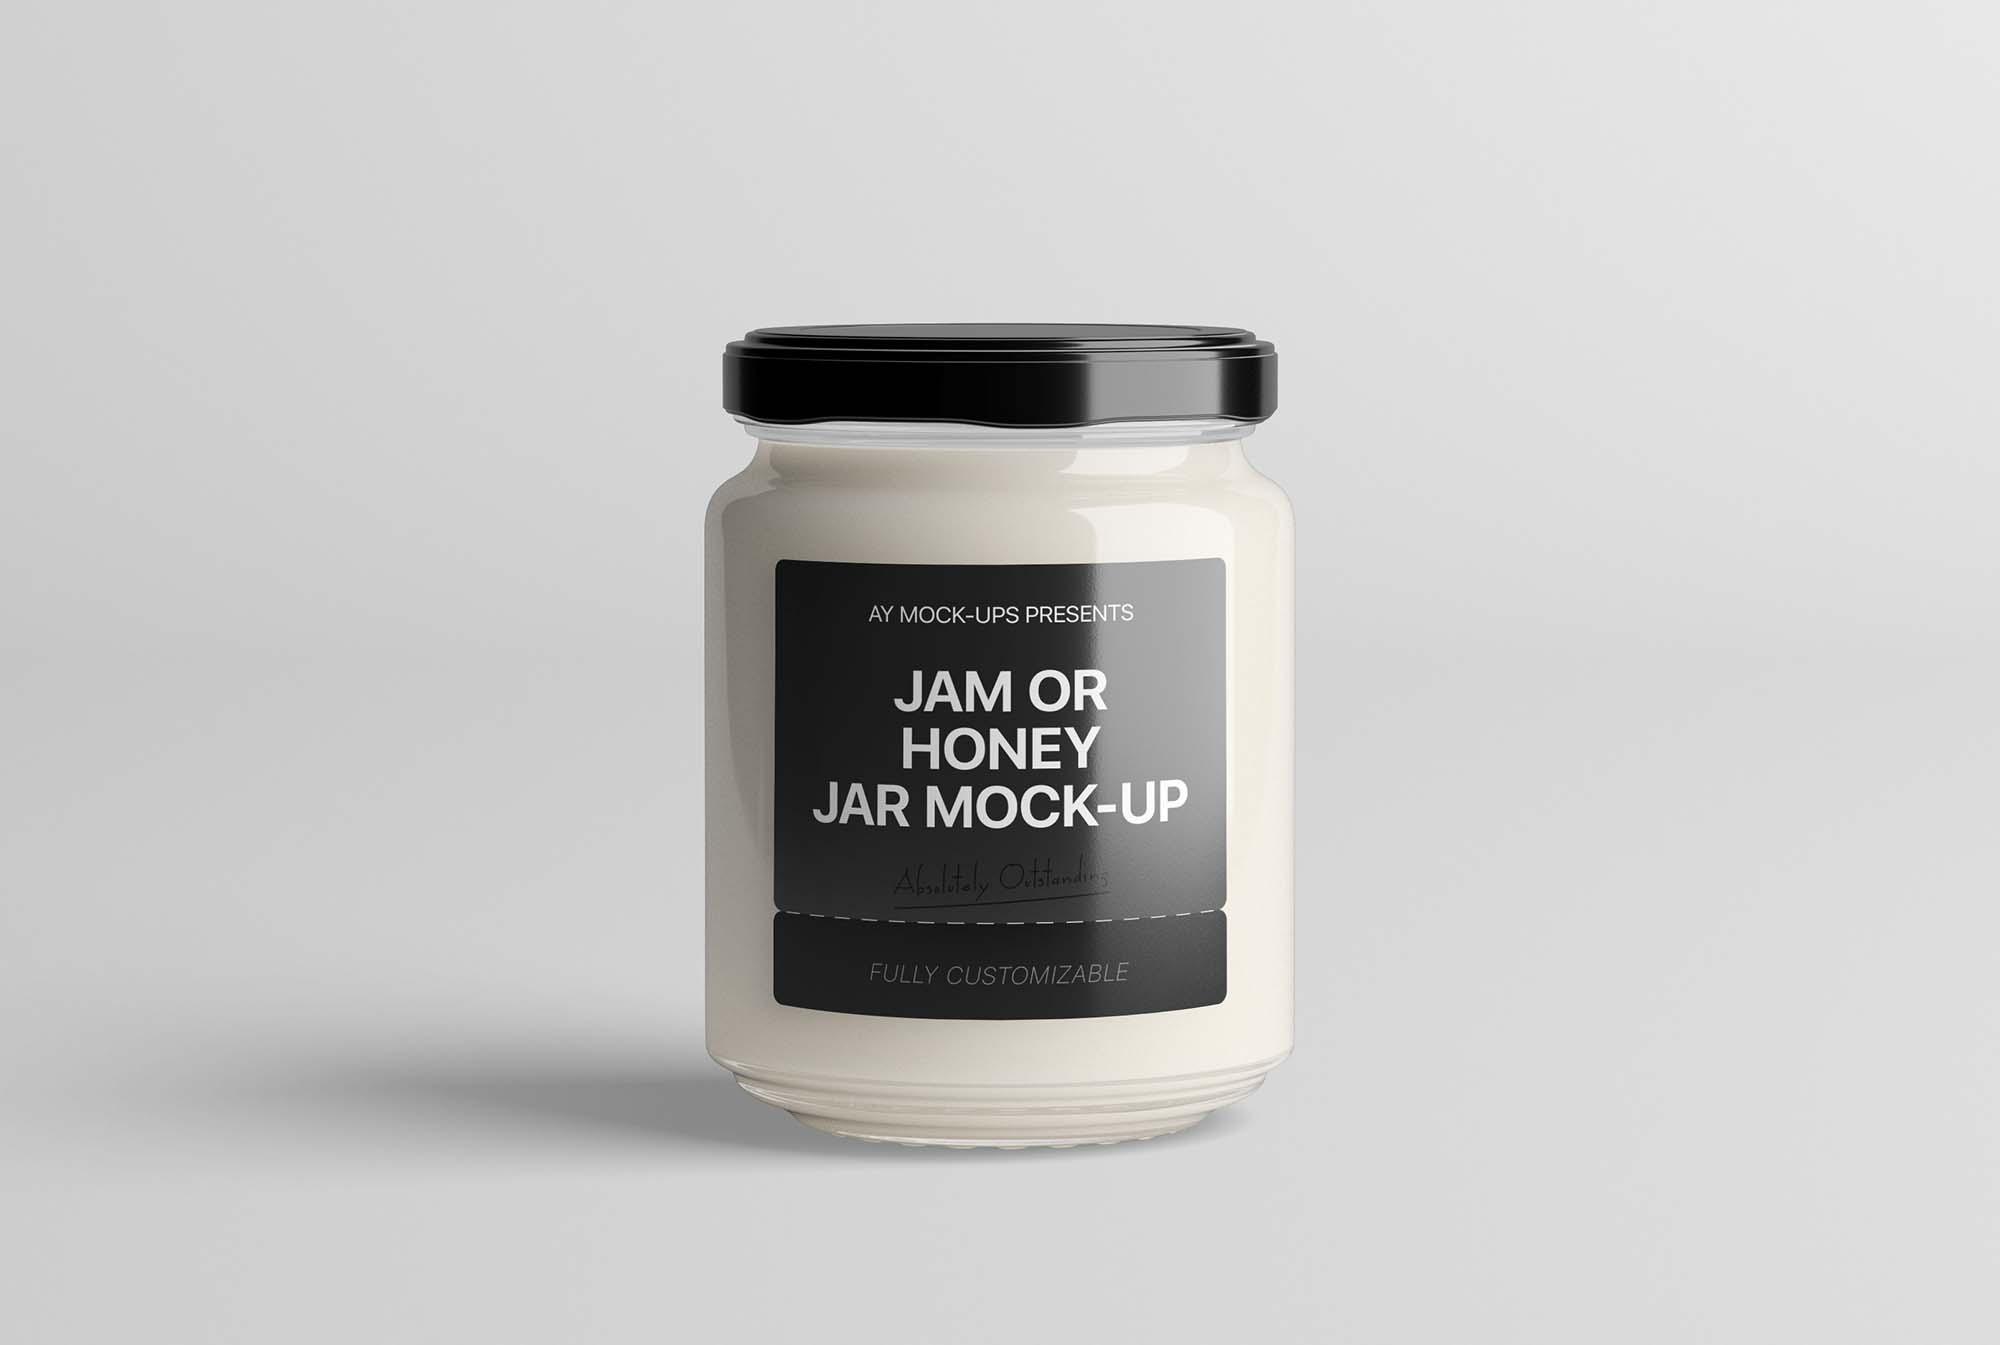 Jam Jar Mockup 2